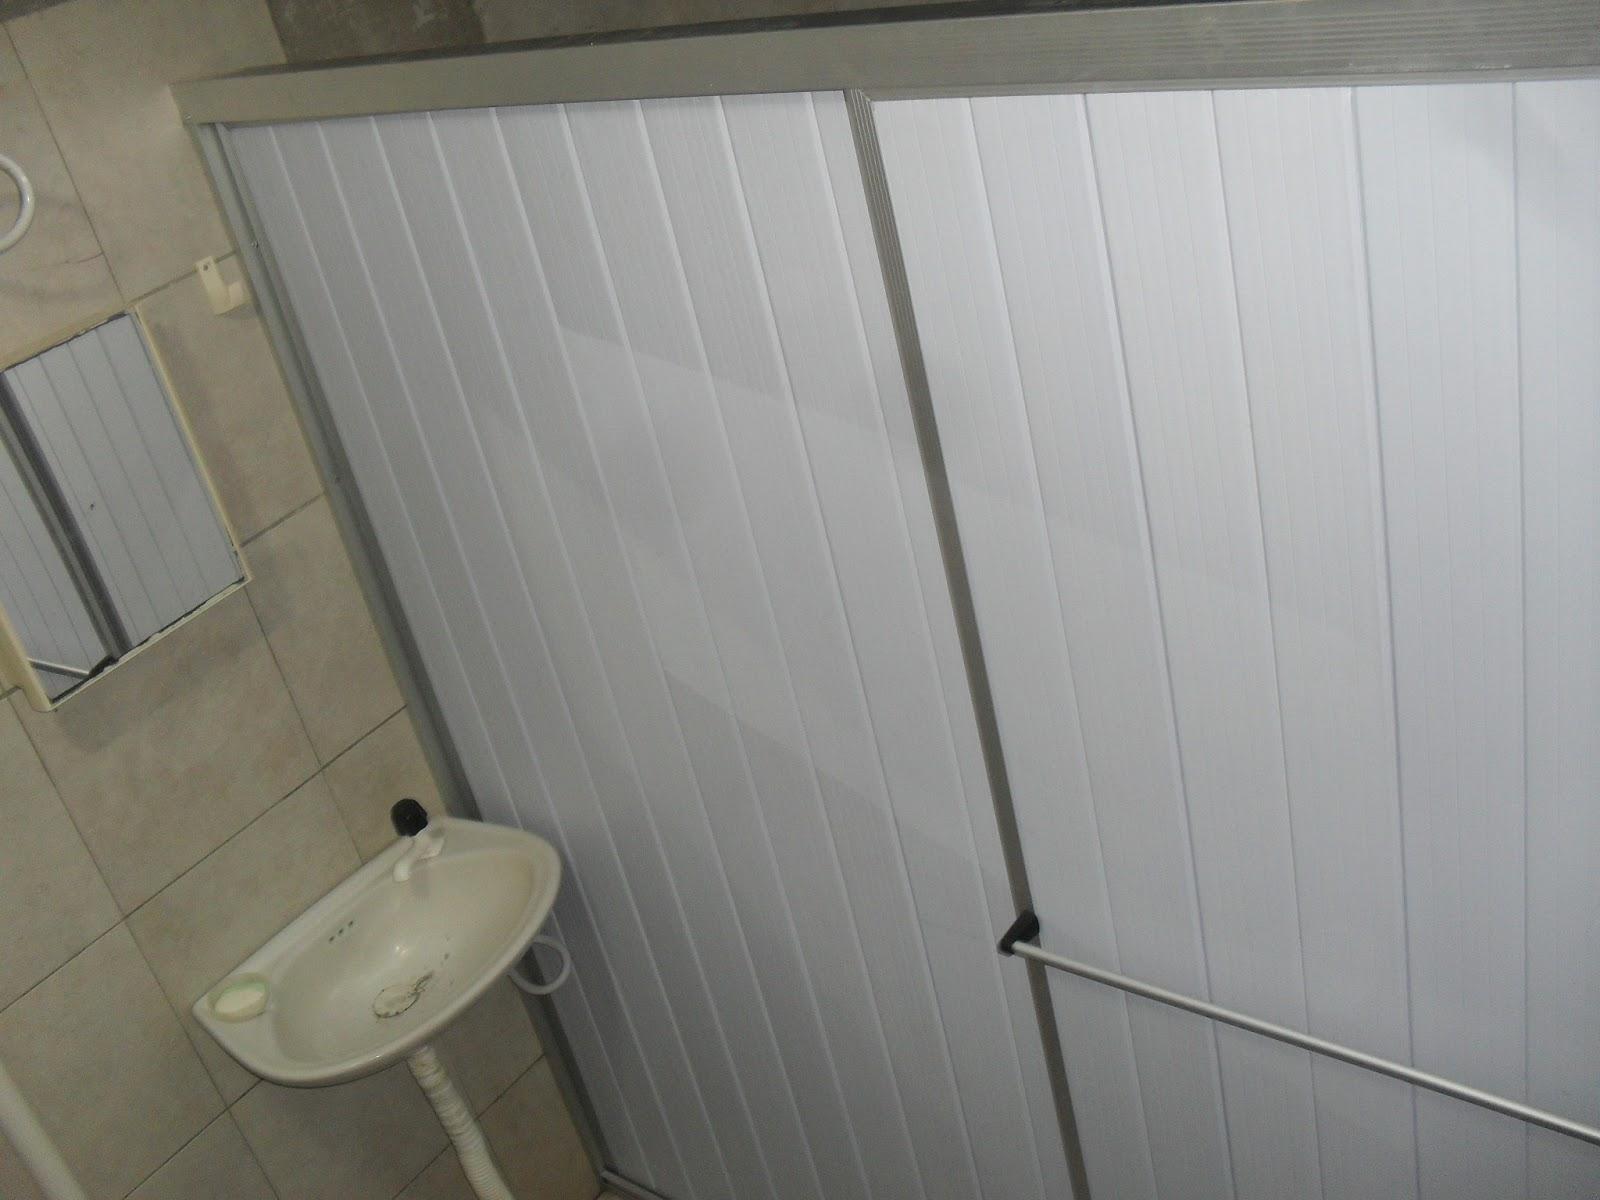 FK CAMISETAS COMUNICAÇÃO FORRO EM PVC E BOX PARA BANHEIROPIA -> Pia Para Banheiro De Pvc